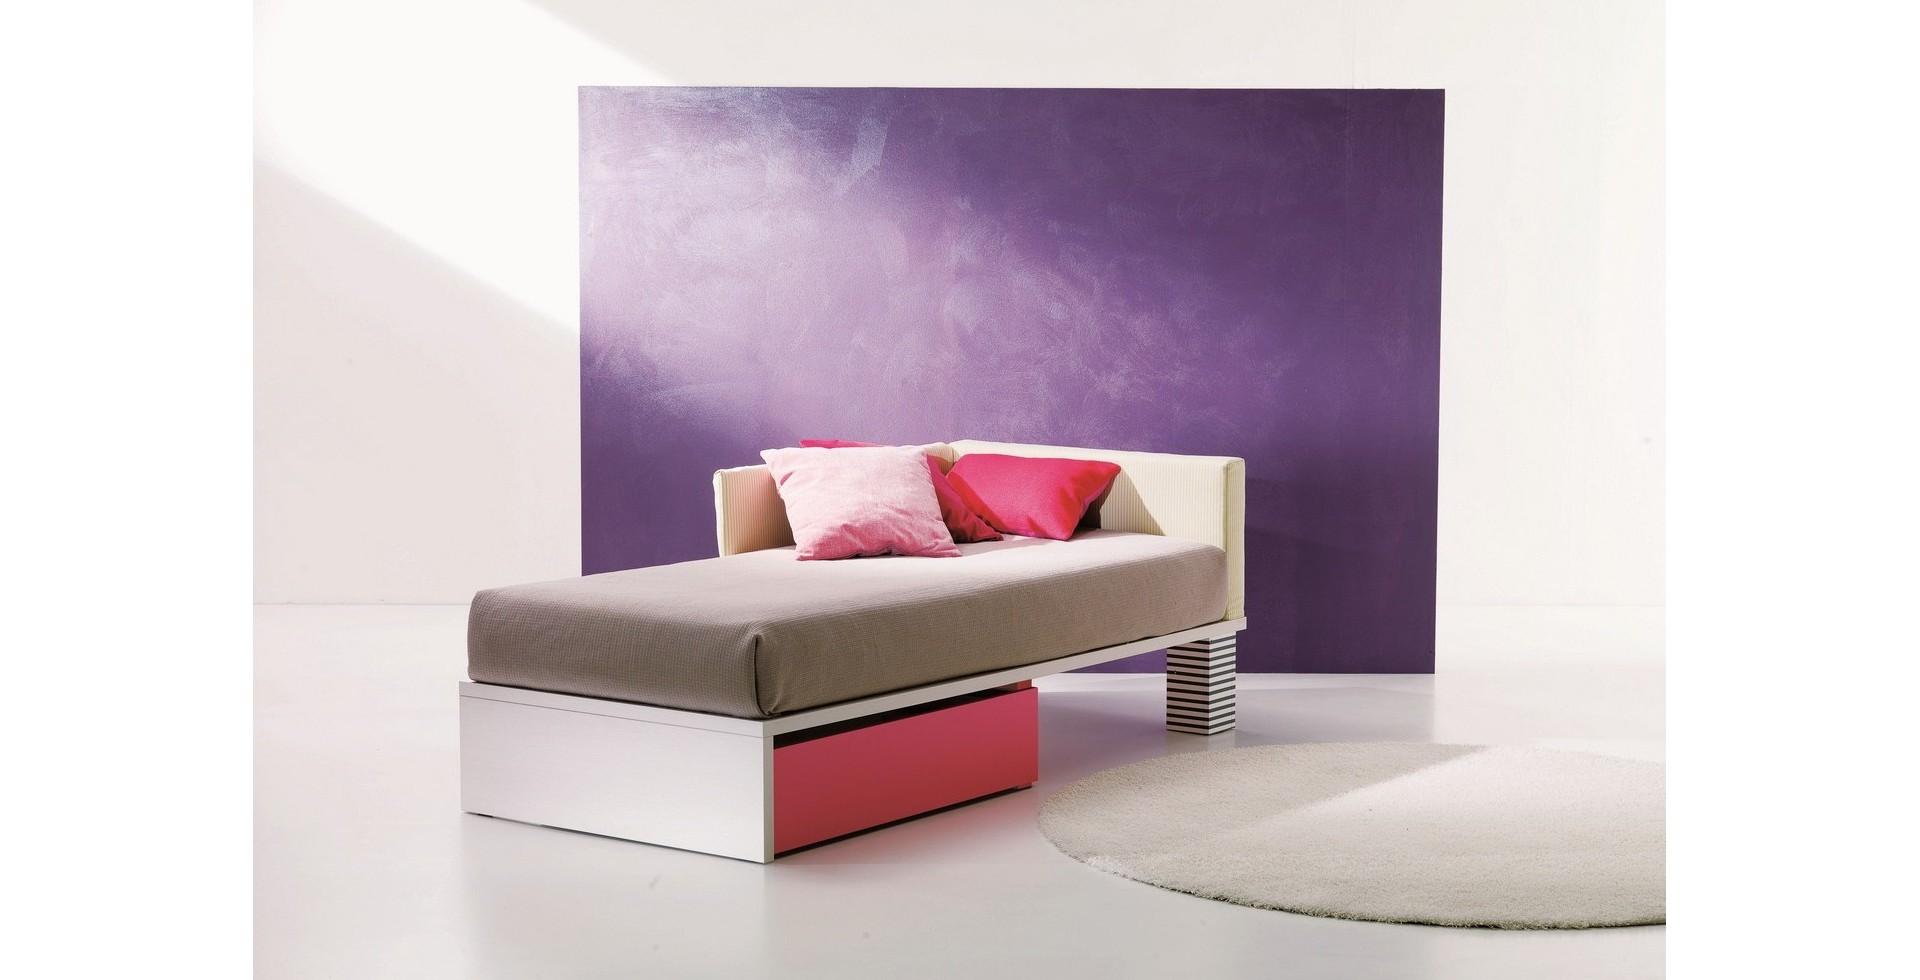 Letti bambini padova camere bambini padova - Ikea sponde letto ...